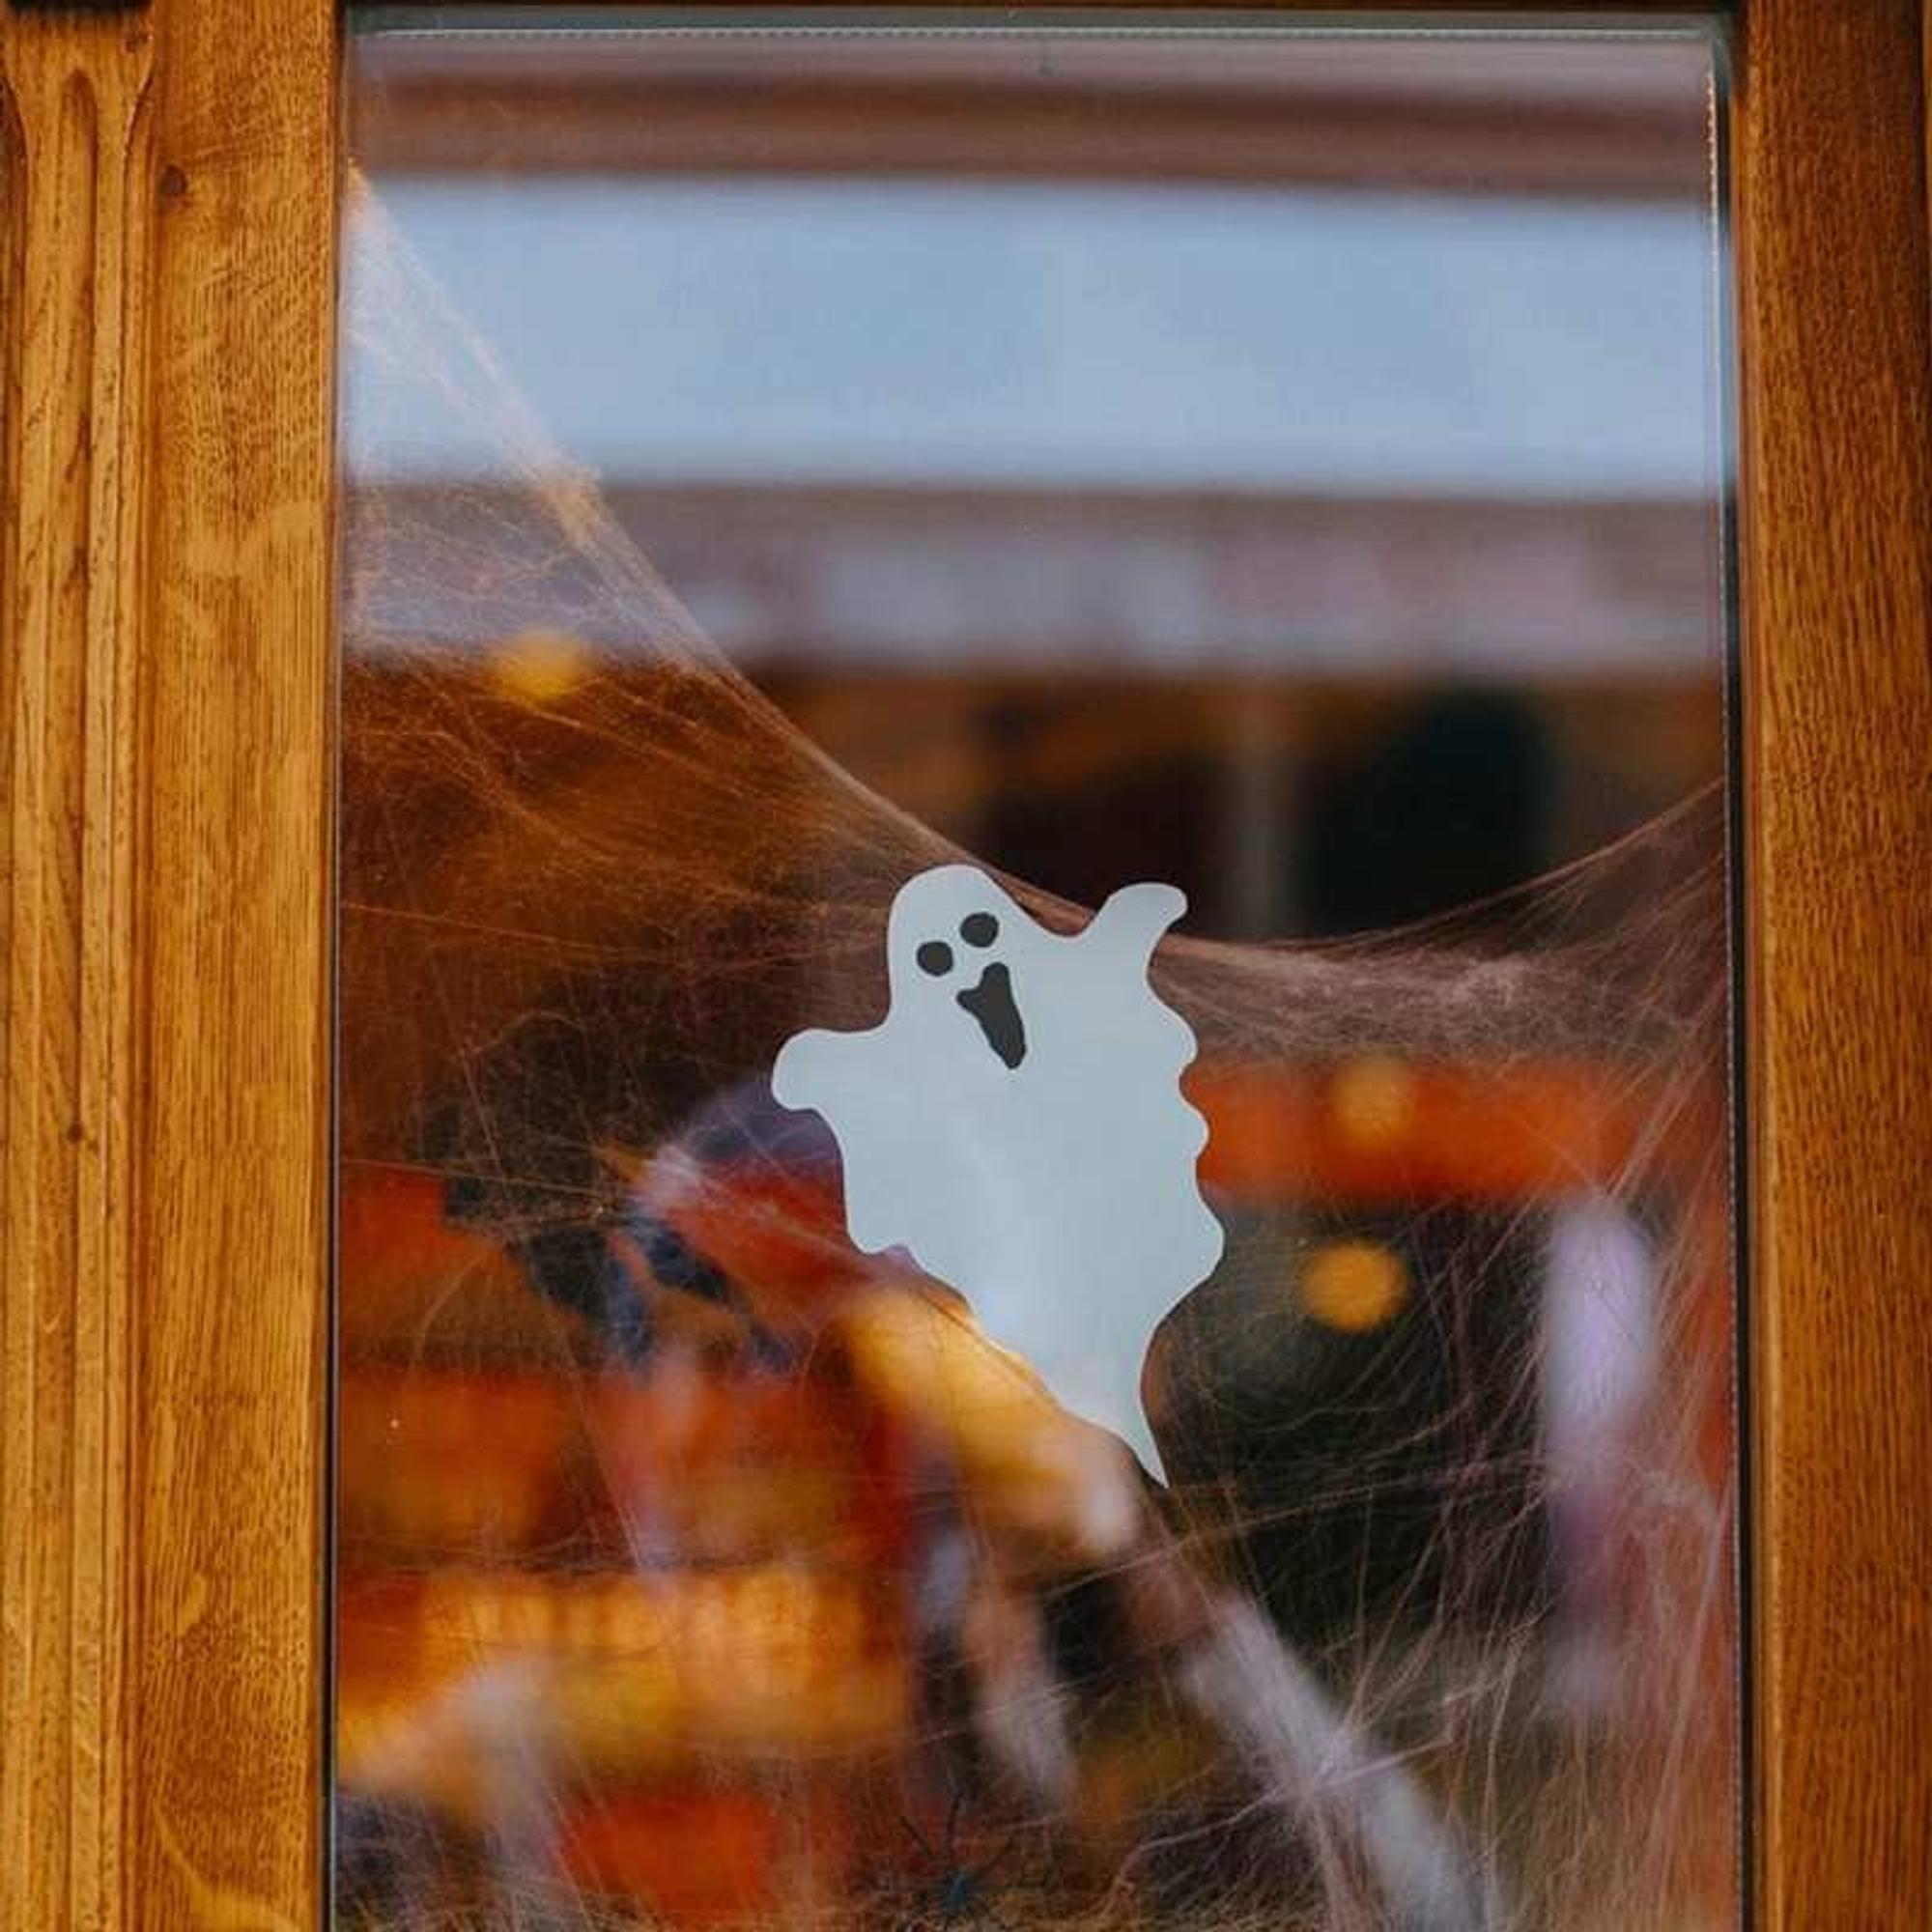 Schreck-Gespenst am Fenster als Halloween-Deko basteln